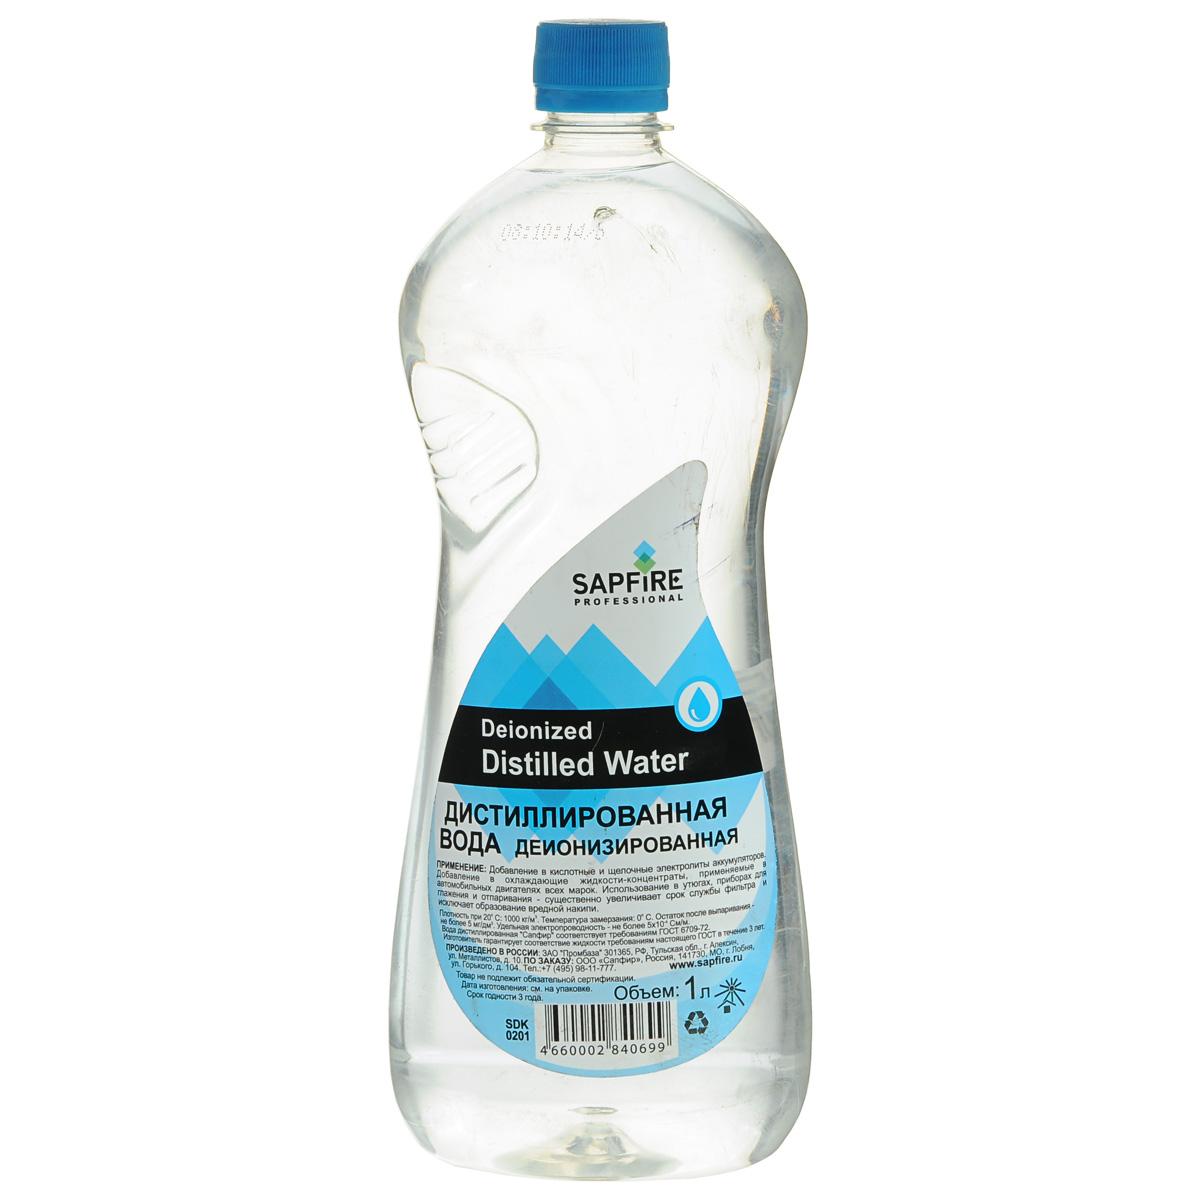 Вода дистиллированная деионизированная Sapfire, 1 л